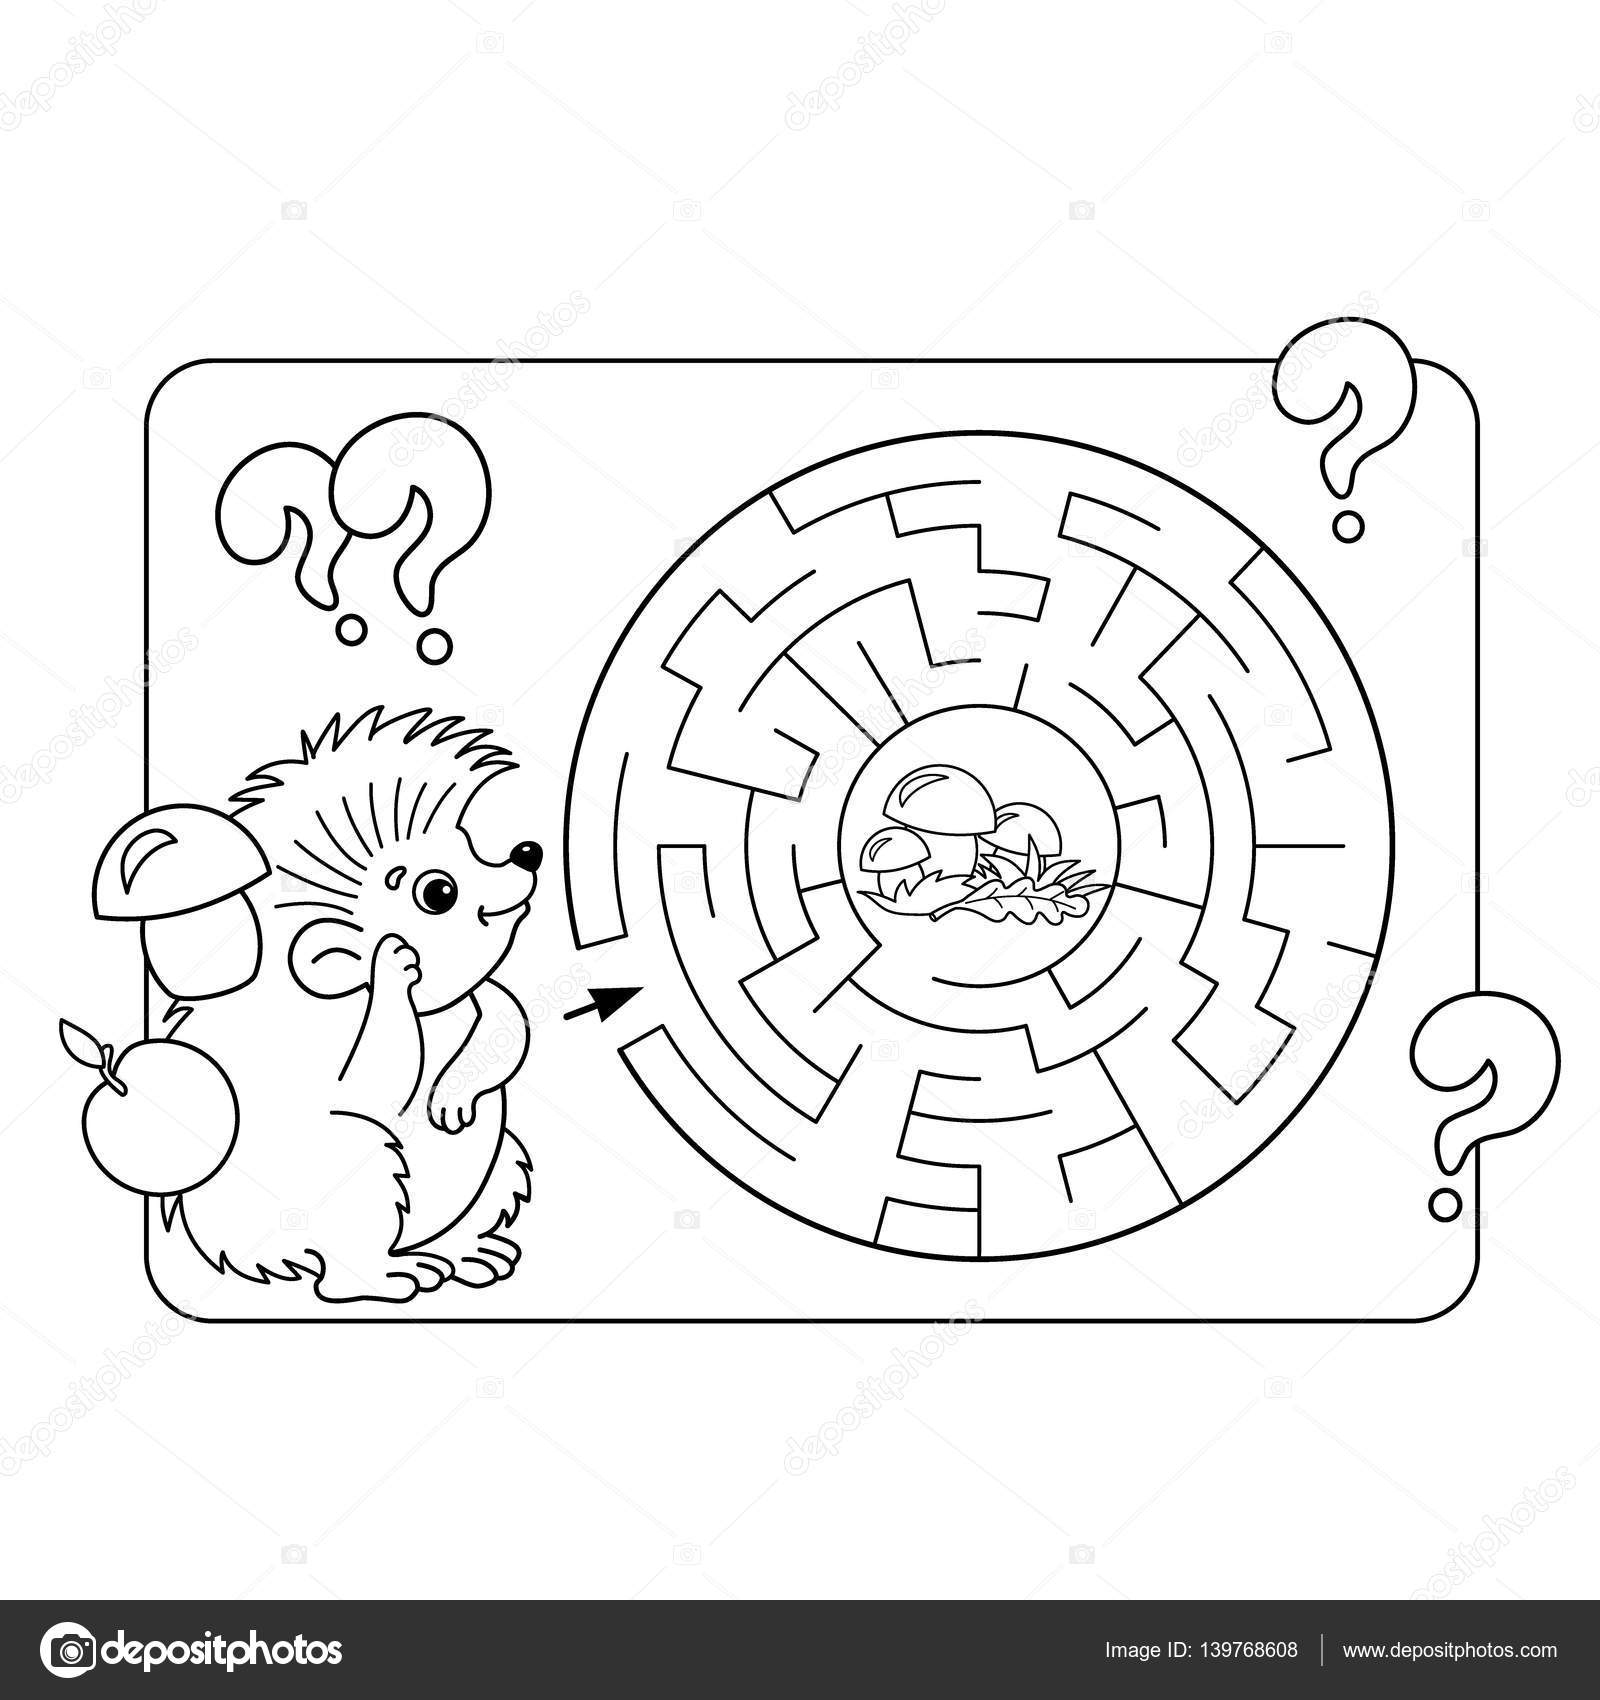 Okul öncesi çocuklar Için çizgi Film Vektör çizim Eğitim Labirent